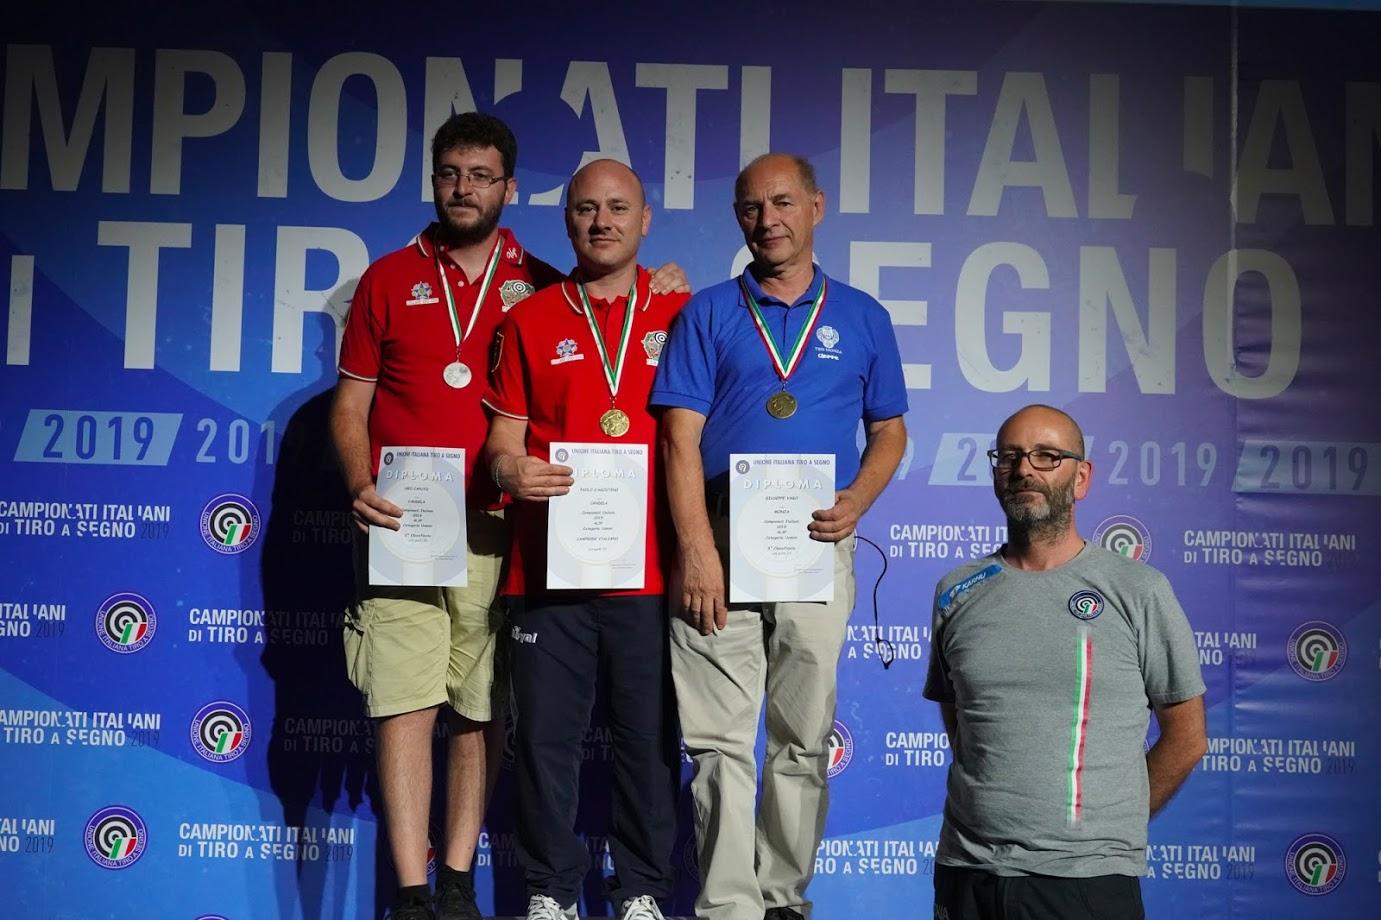 Campionato Italiano carabine a mt 300. Pioggia di ori e podi alla Sezione di Candela